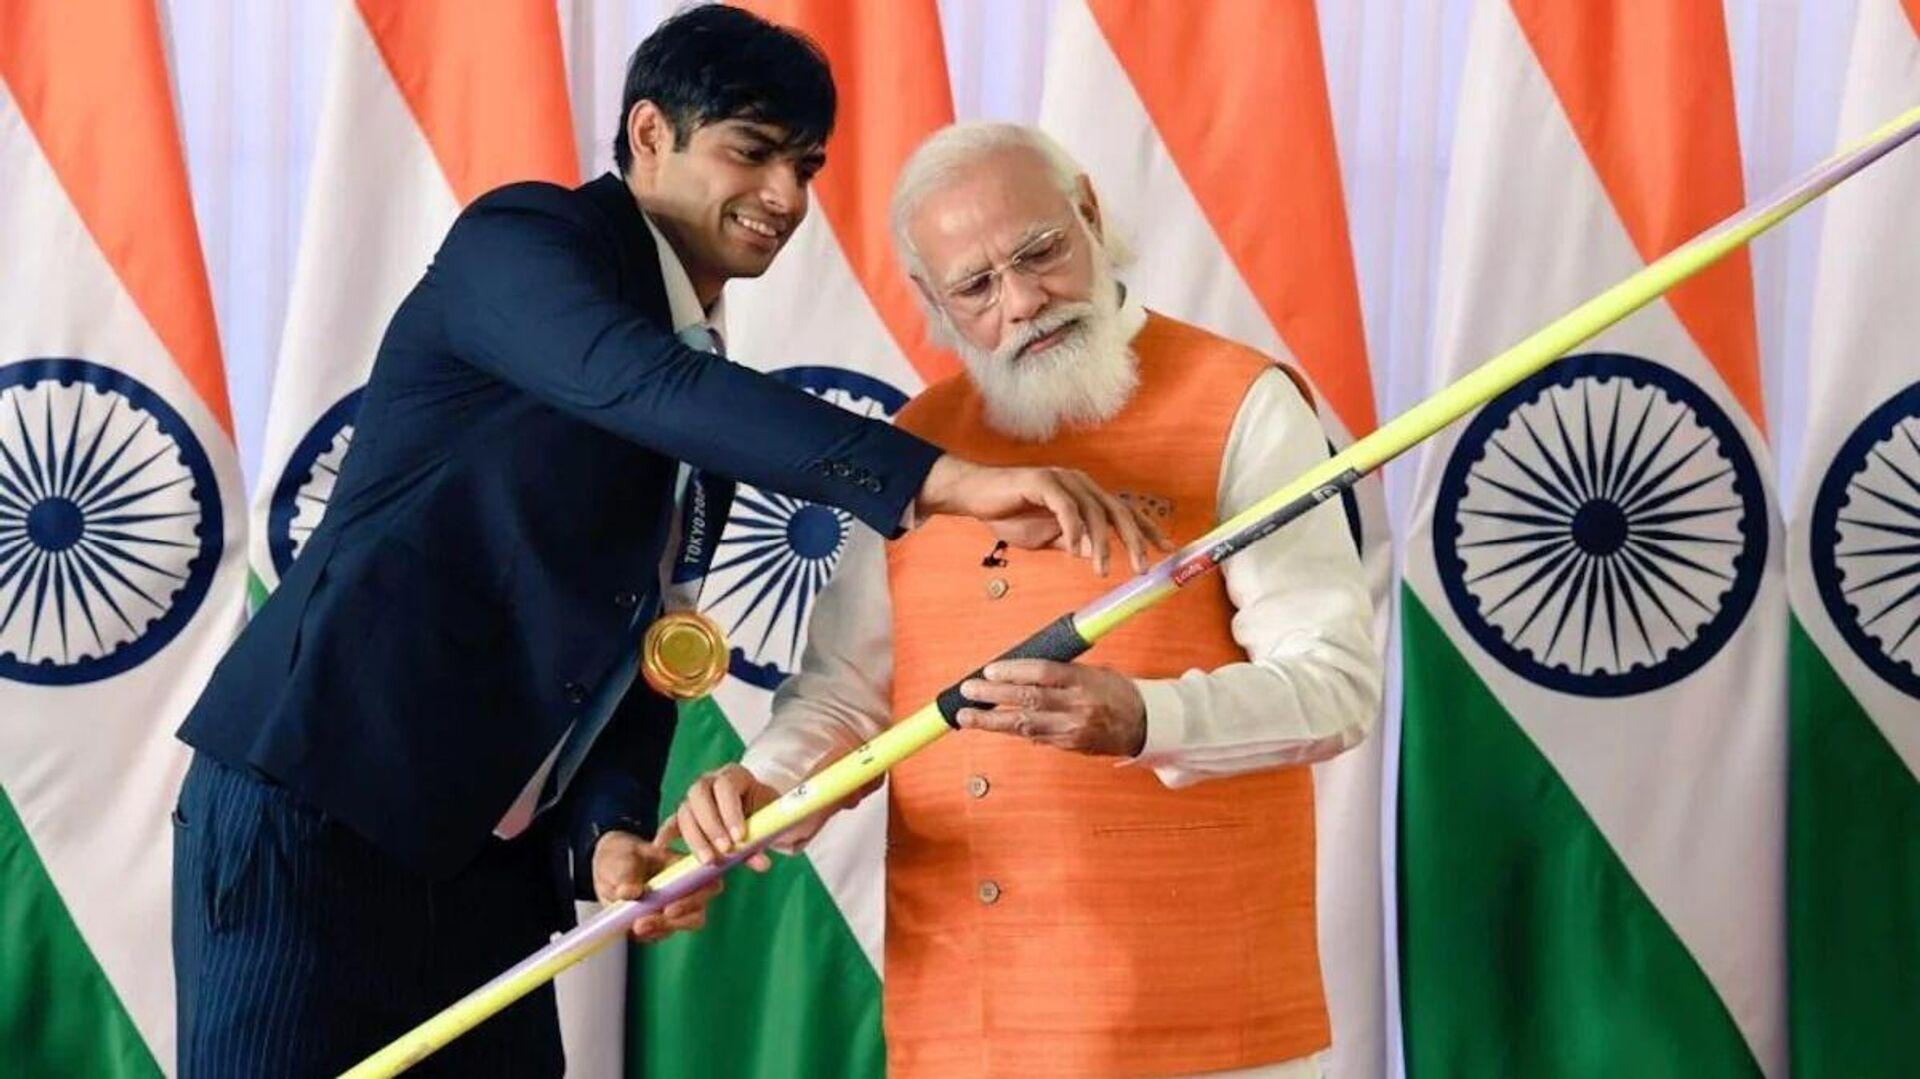 PM Narendra Modi (right) with Olympic gold medallist Neeraj Chopra - Sputnik International, 1920, 17.09.2021